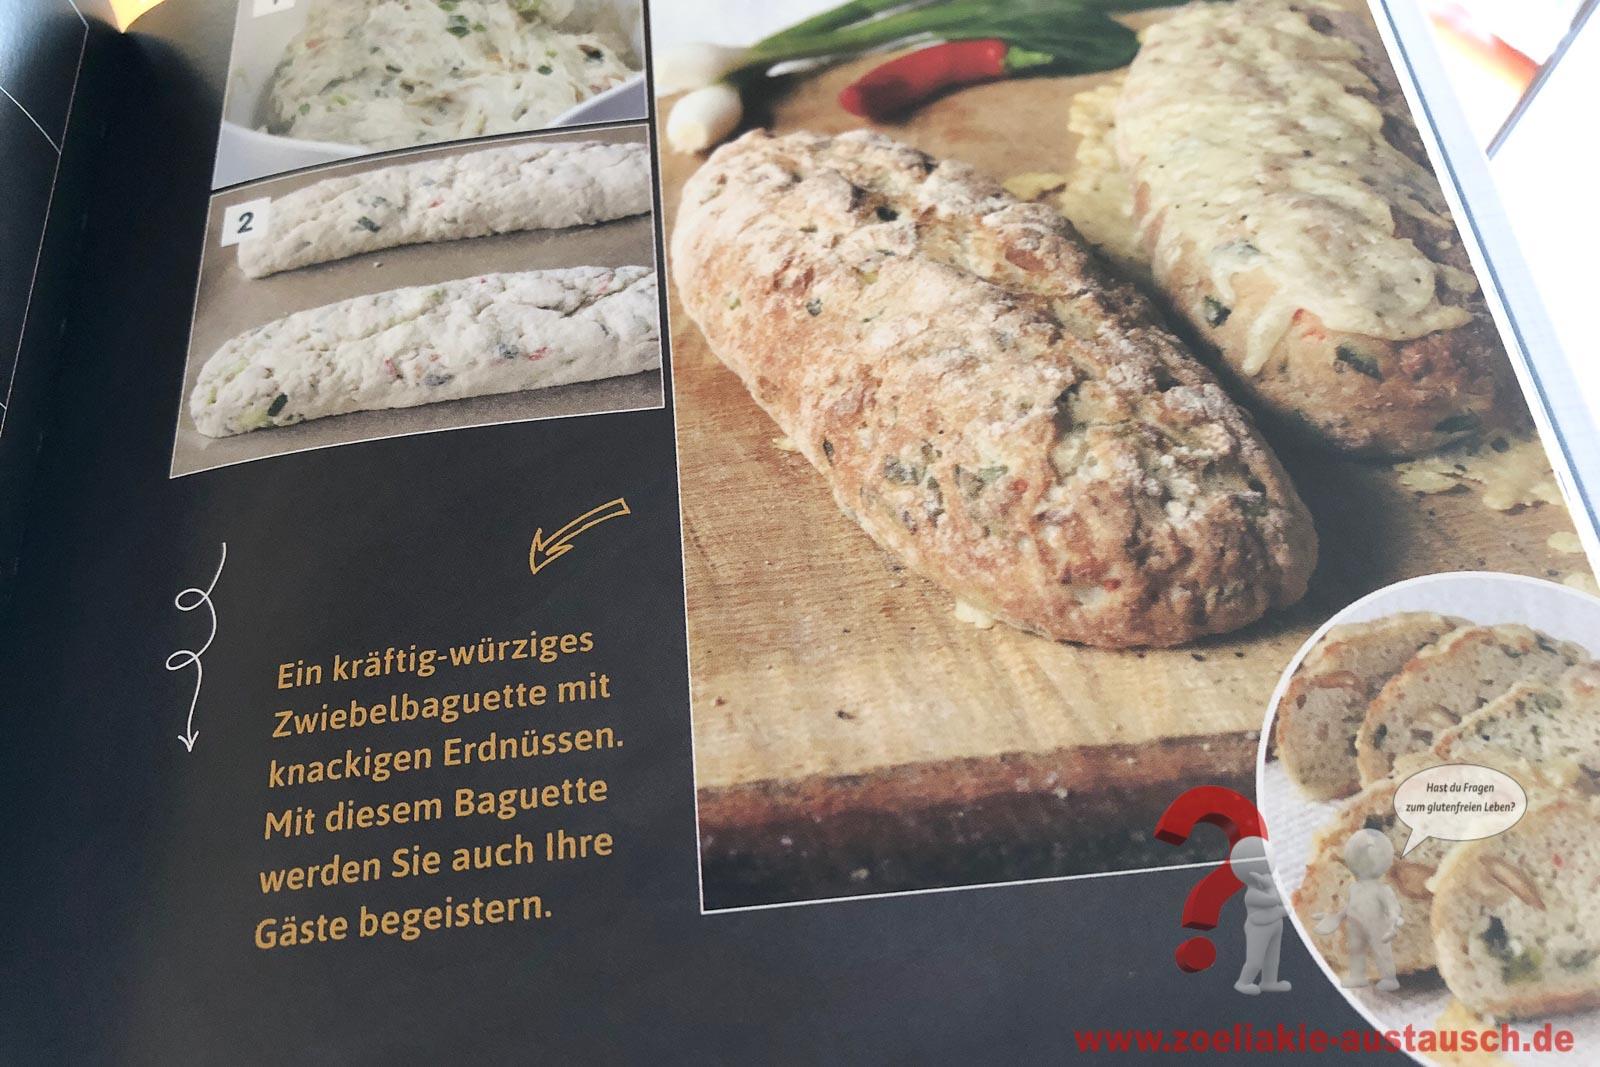 Schulenburg_Brot-Broetchen-und-mehr_Zoeliakie_Austausch_017